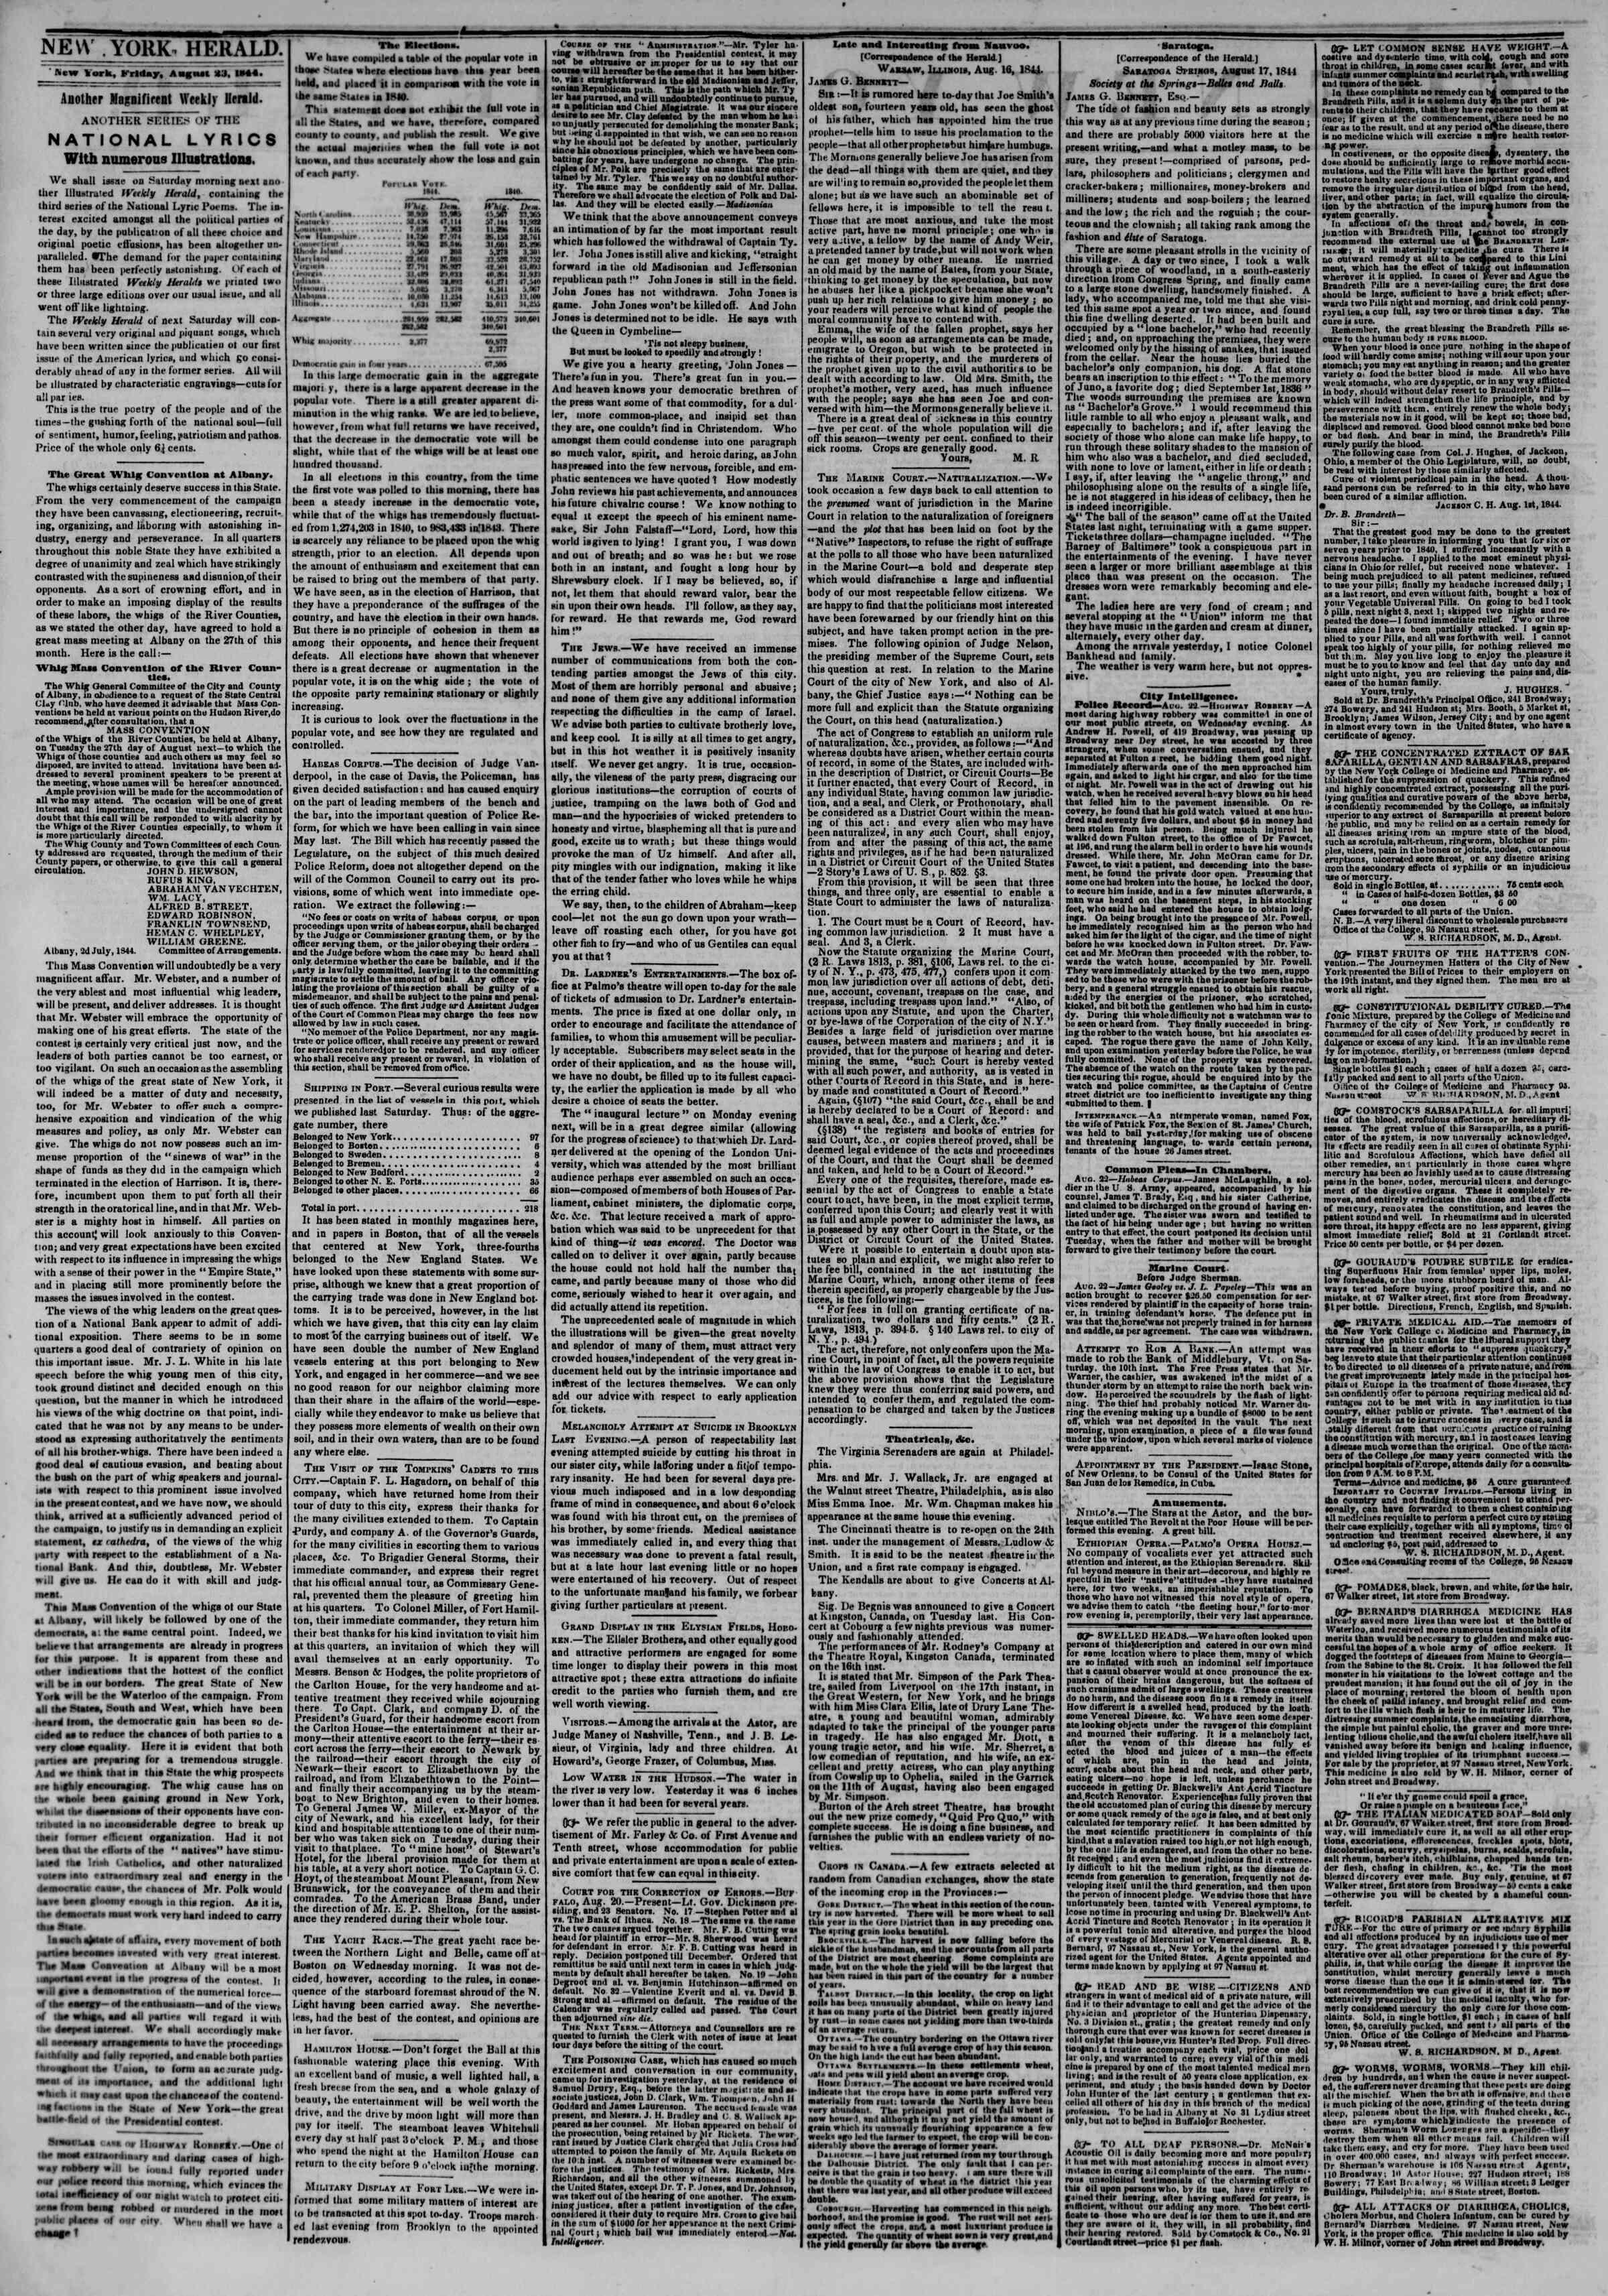 August 23, 1844 Tarihli The New York Herald Gazetesi Sayfa 2